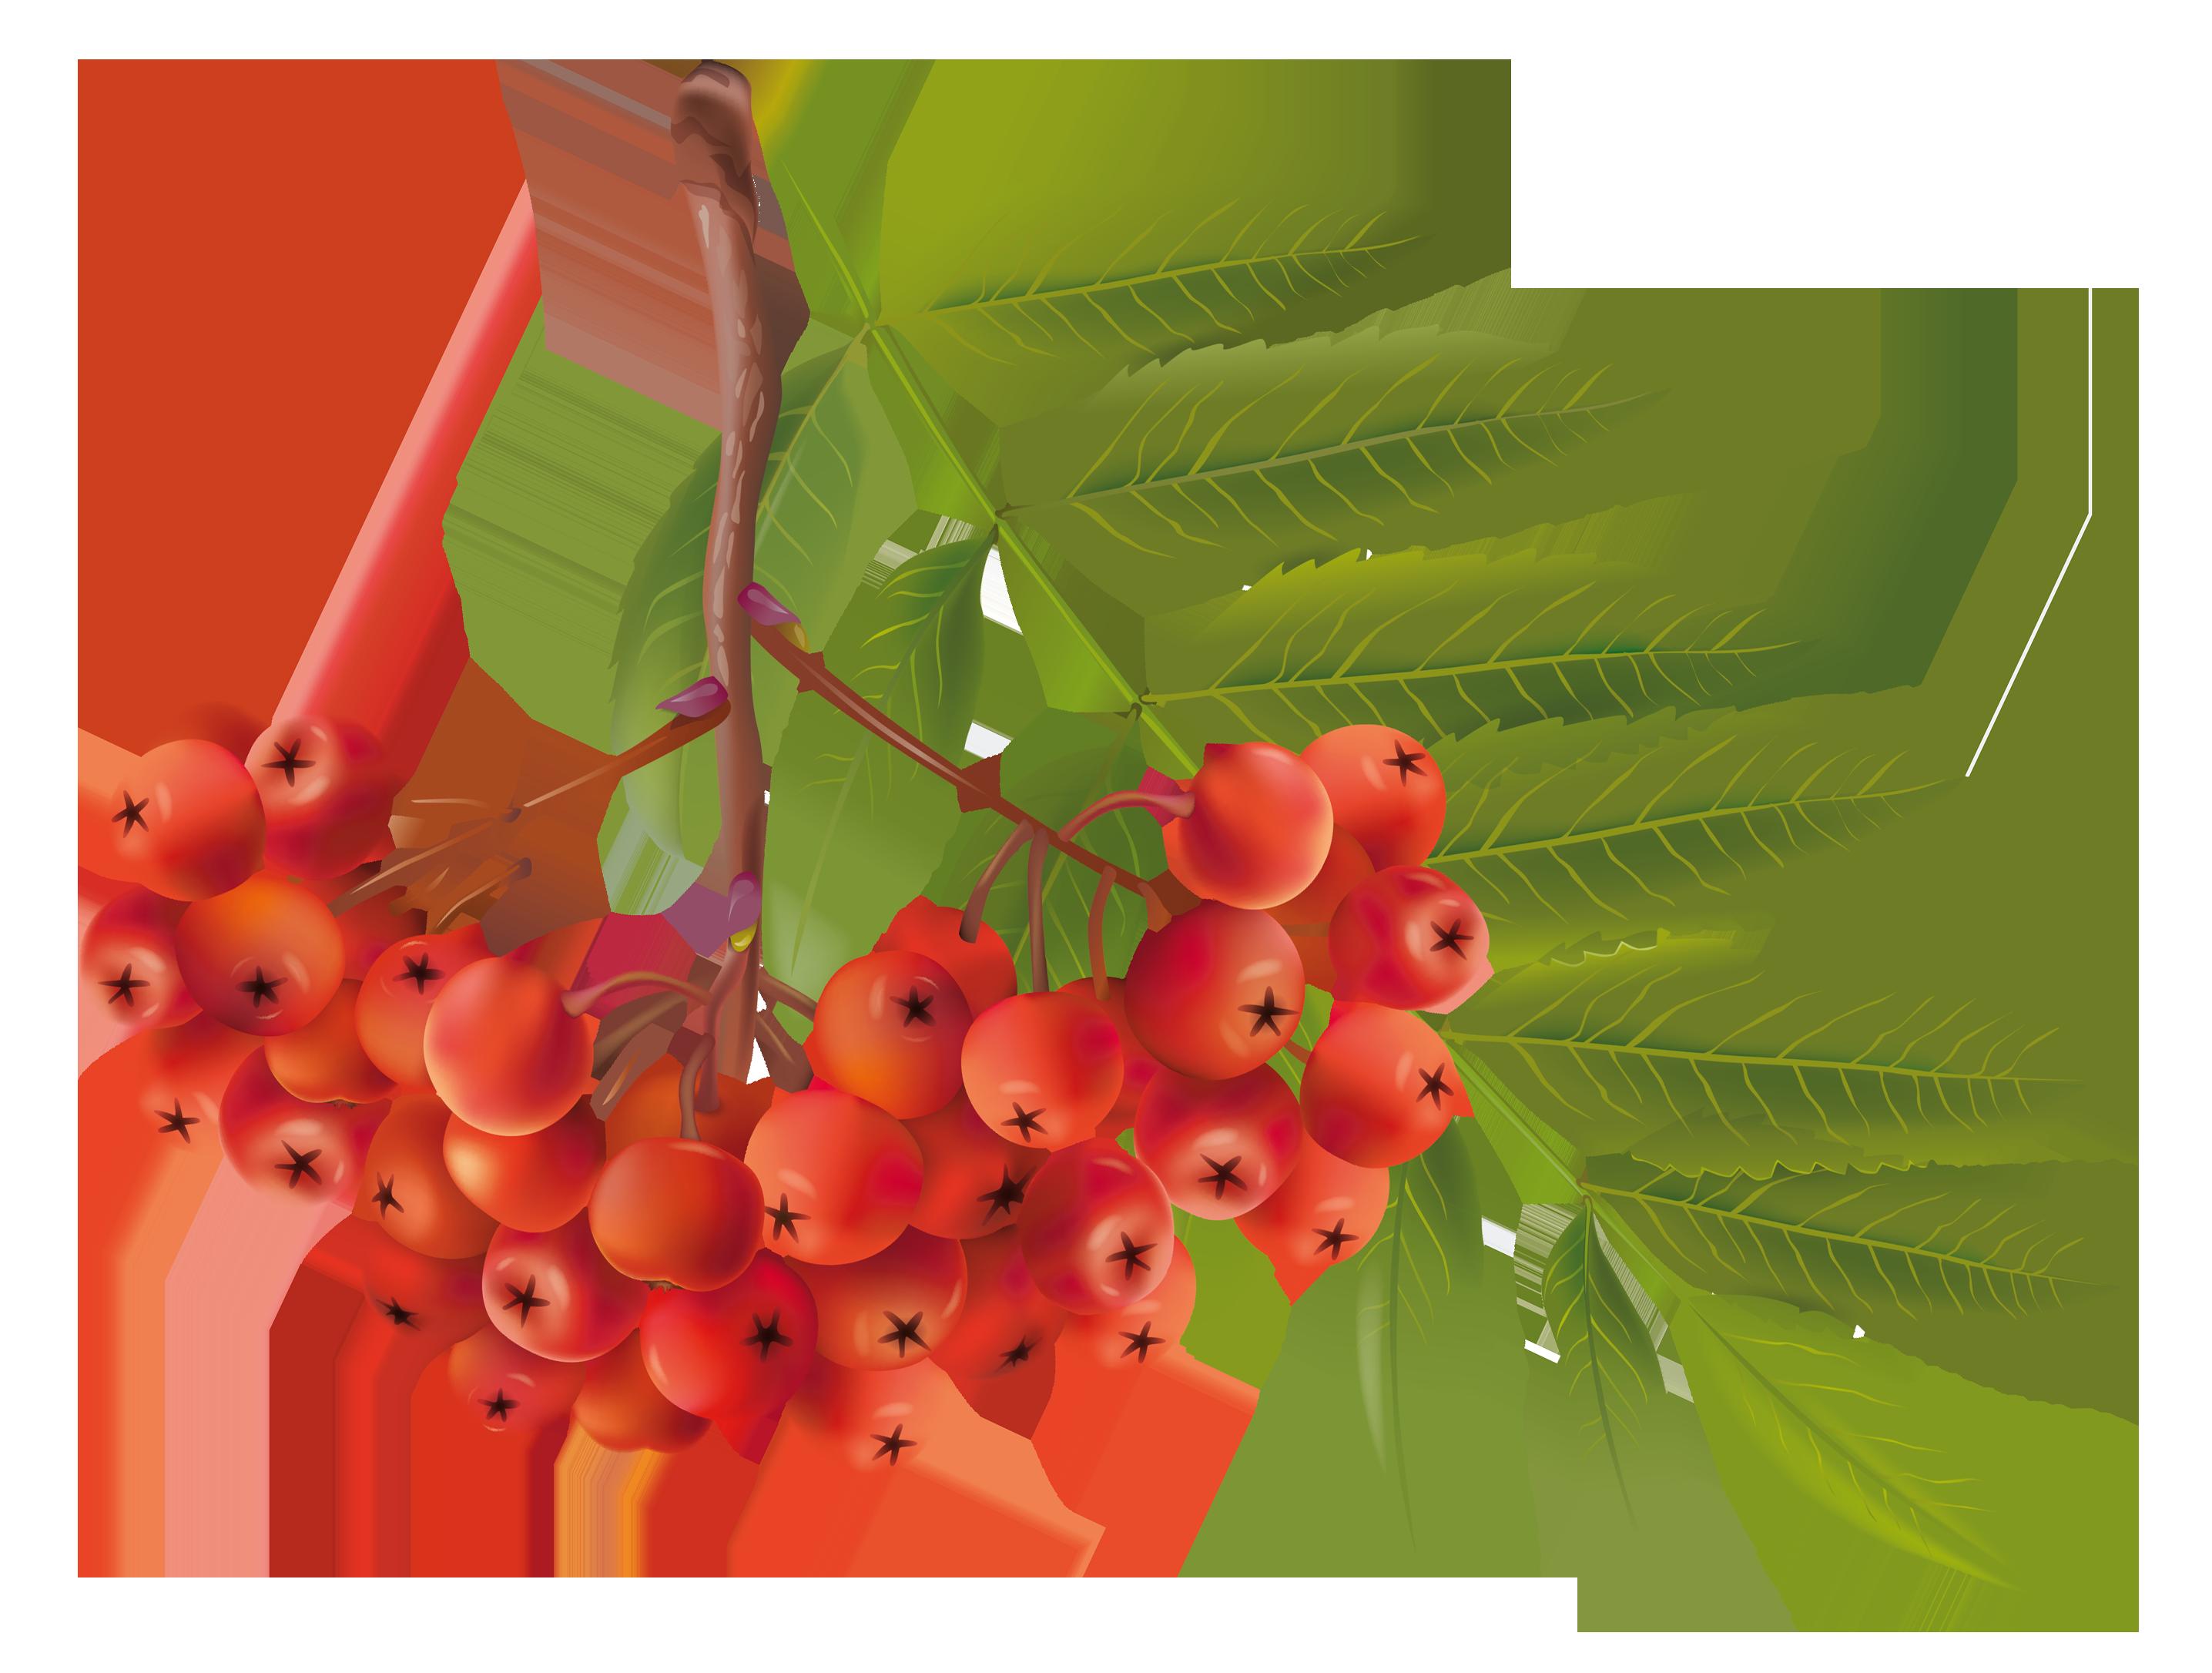 Heaven clipart glories. Autumn plant png image